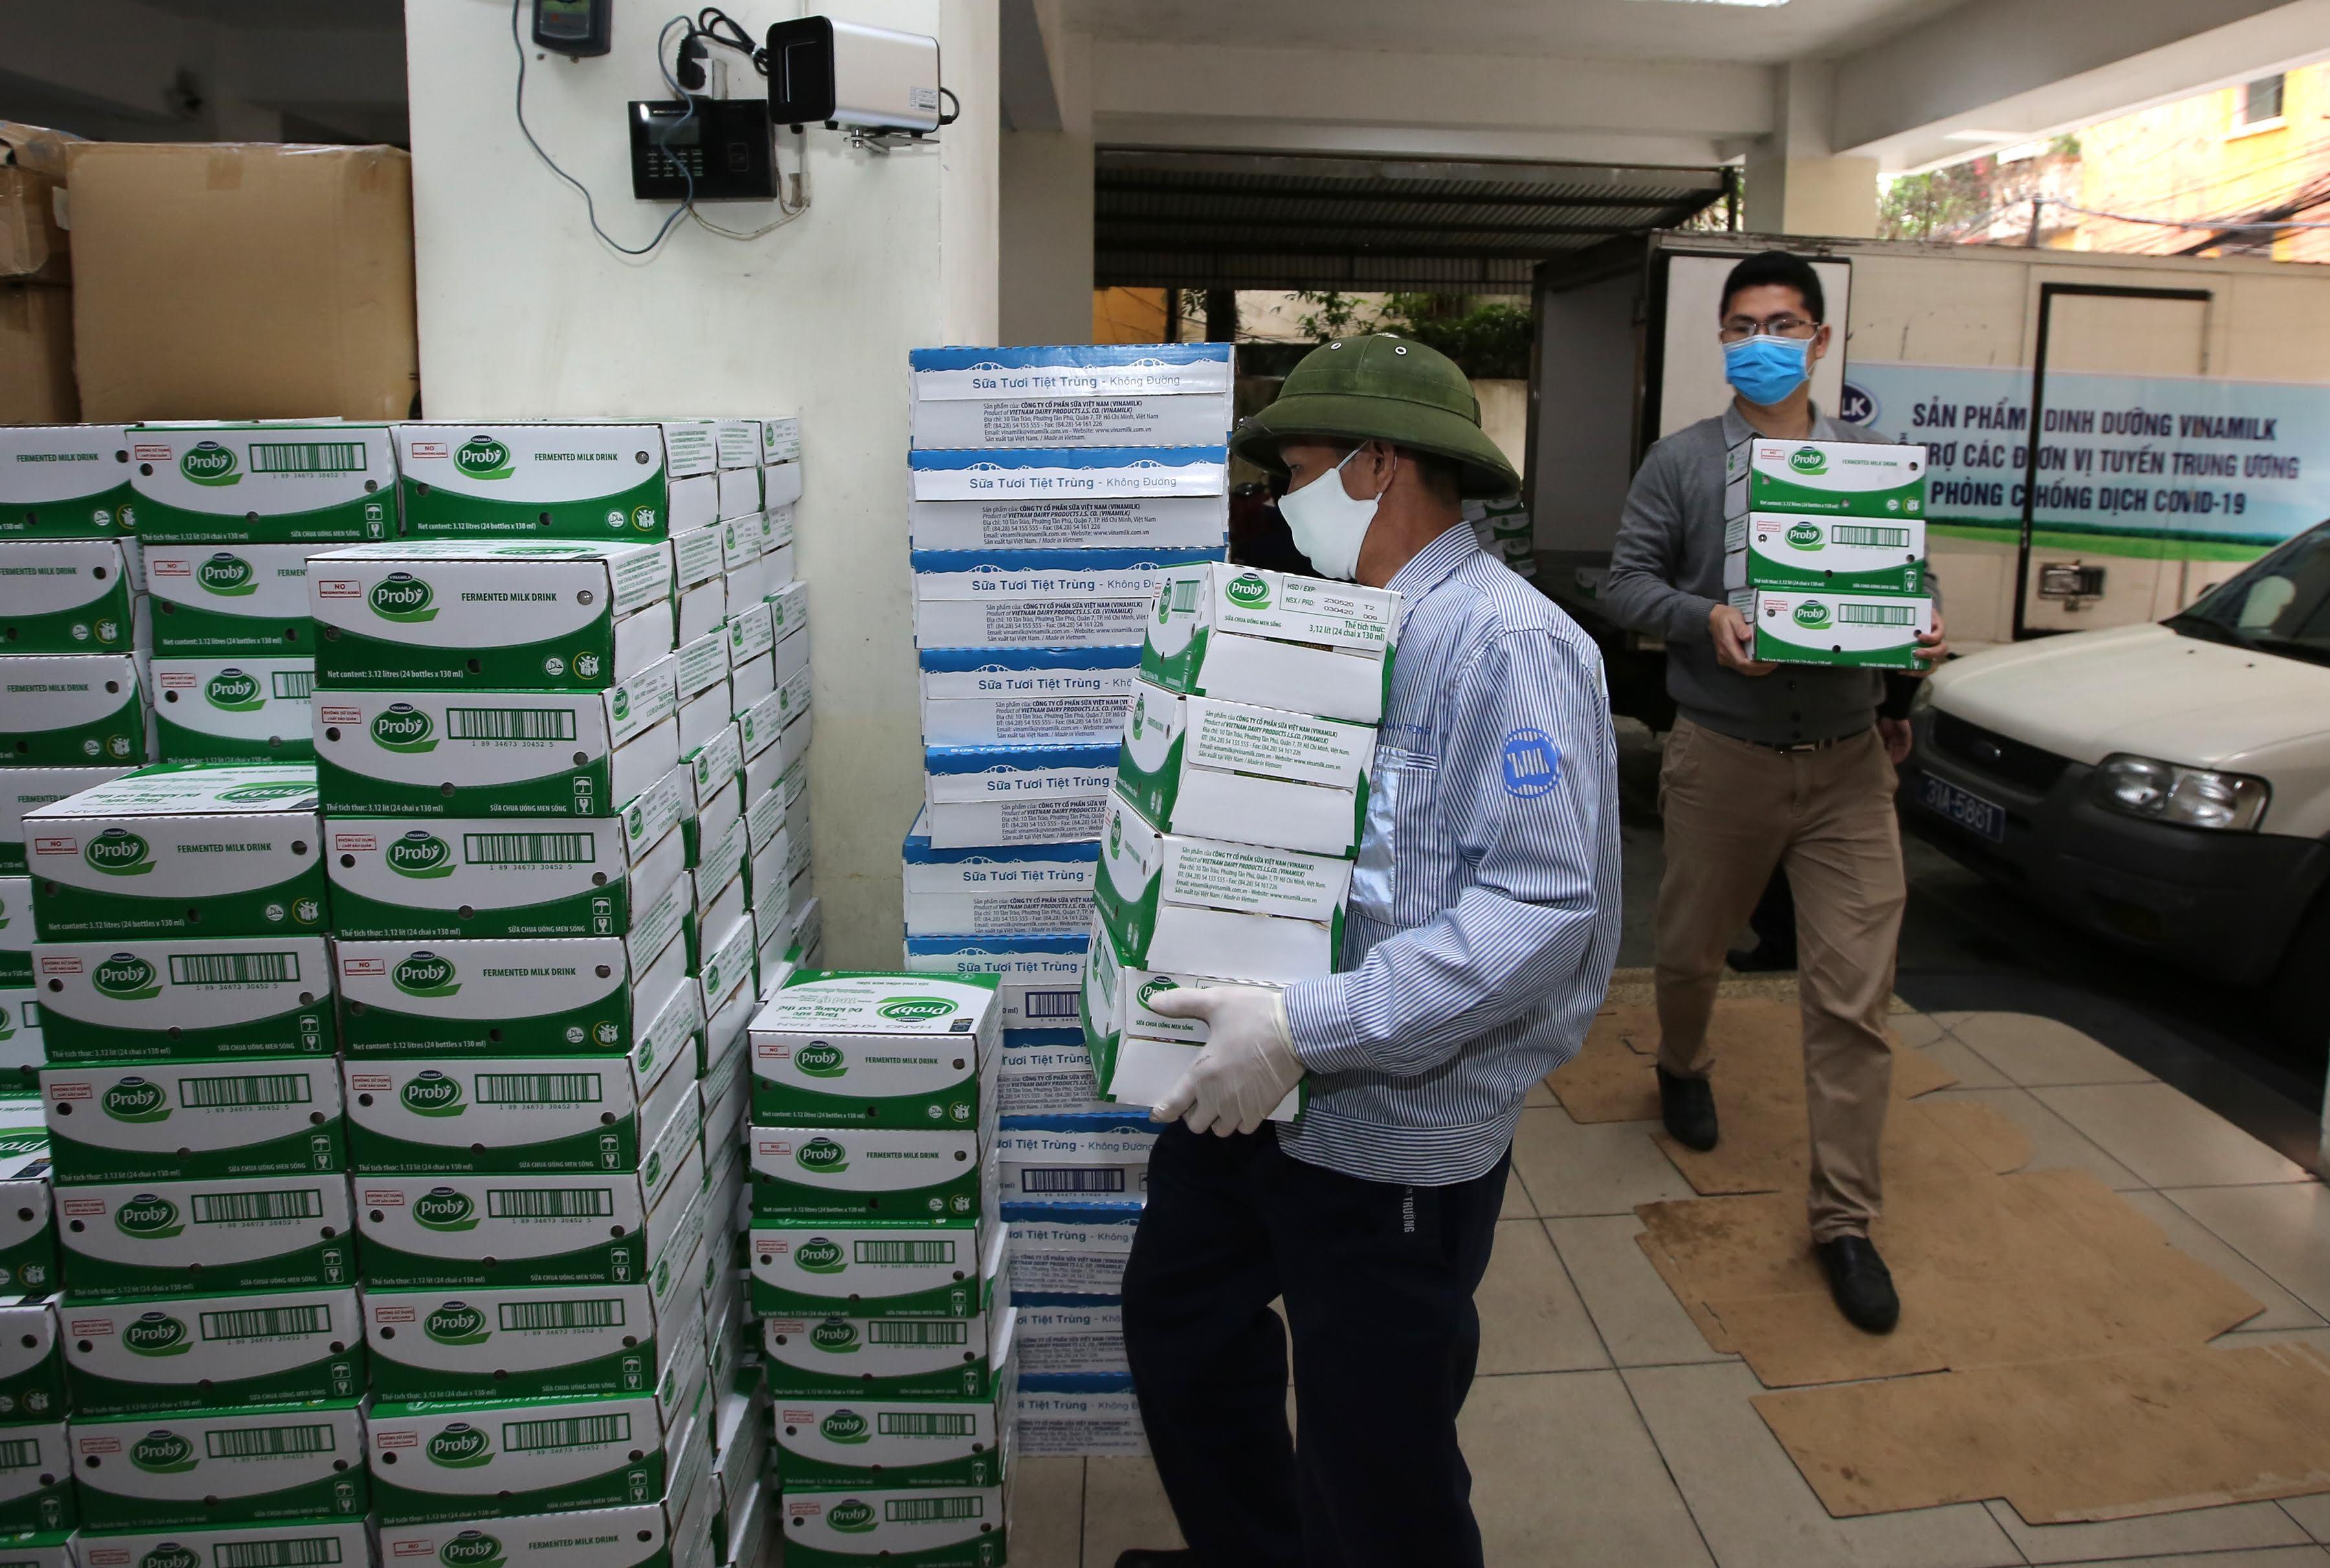 Tính đến nay, tổng kinh phí Vinamilk ủng hộ cho công tác phòng chống dịch đã lên tới gần 40 tỷ đồng